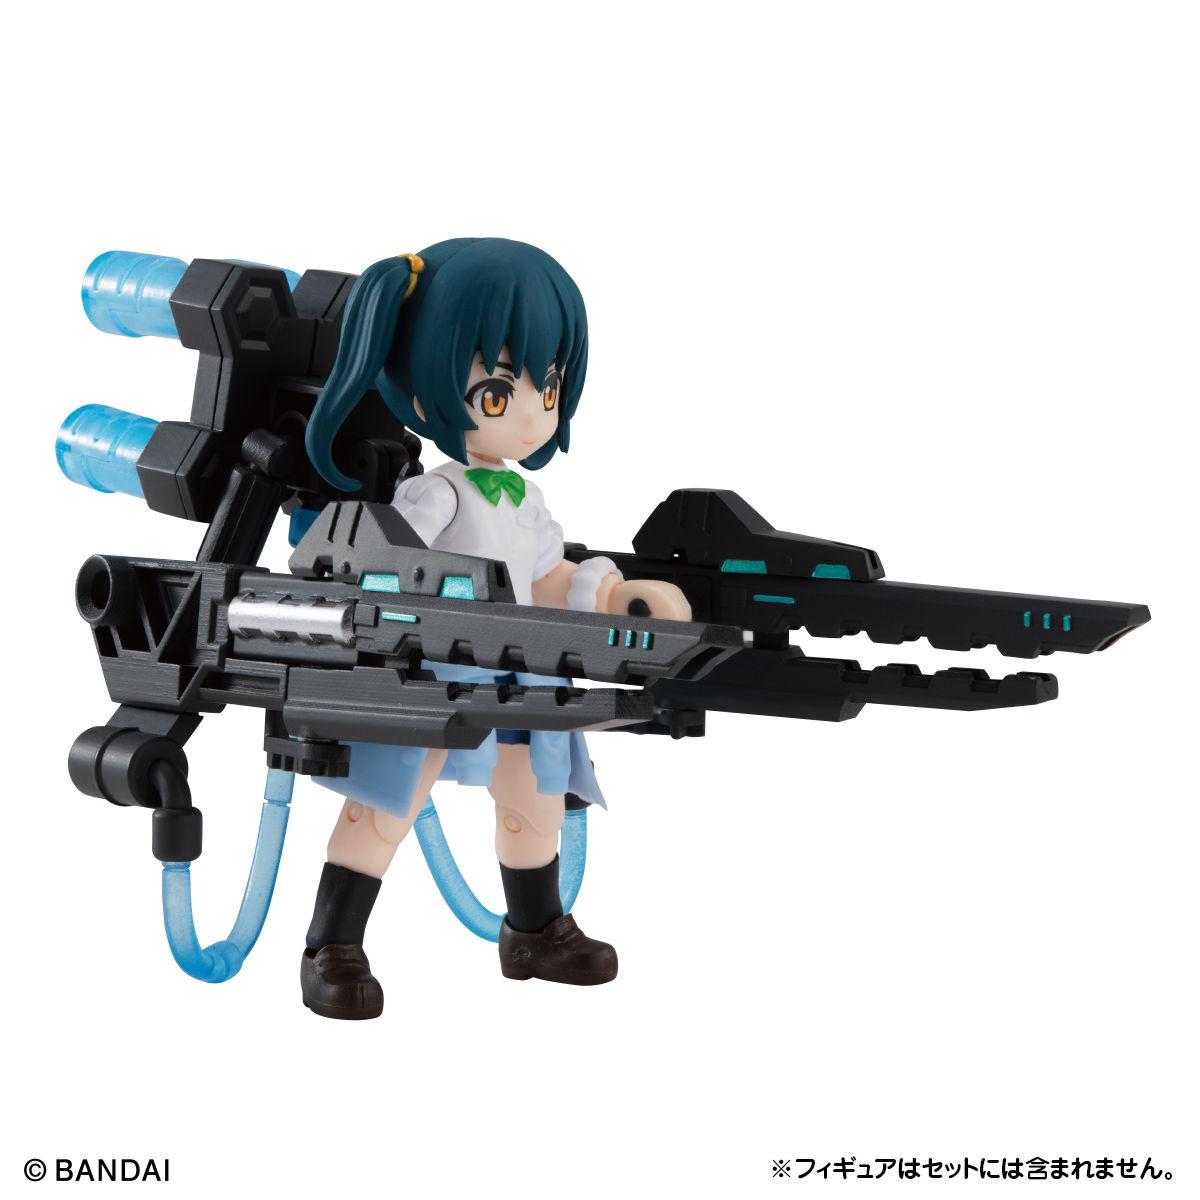 【限定販売】ガシャポン『AQUA SHOOTERS! 泉かのん』デフォルメ可動フィギュア-015